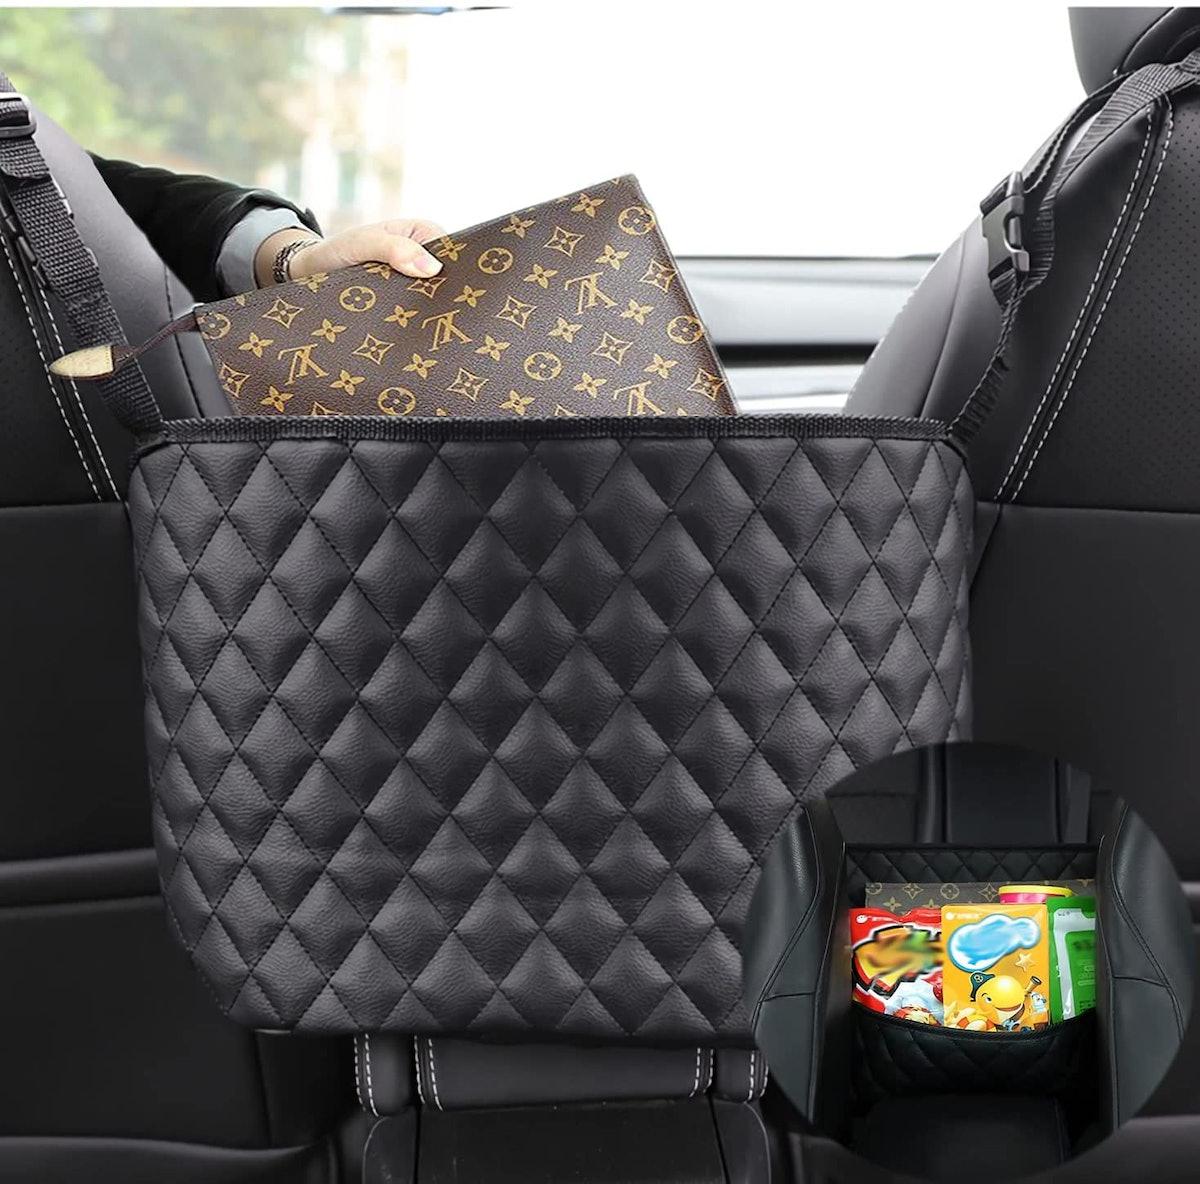 SunlightXS Car Net Pocket